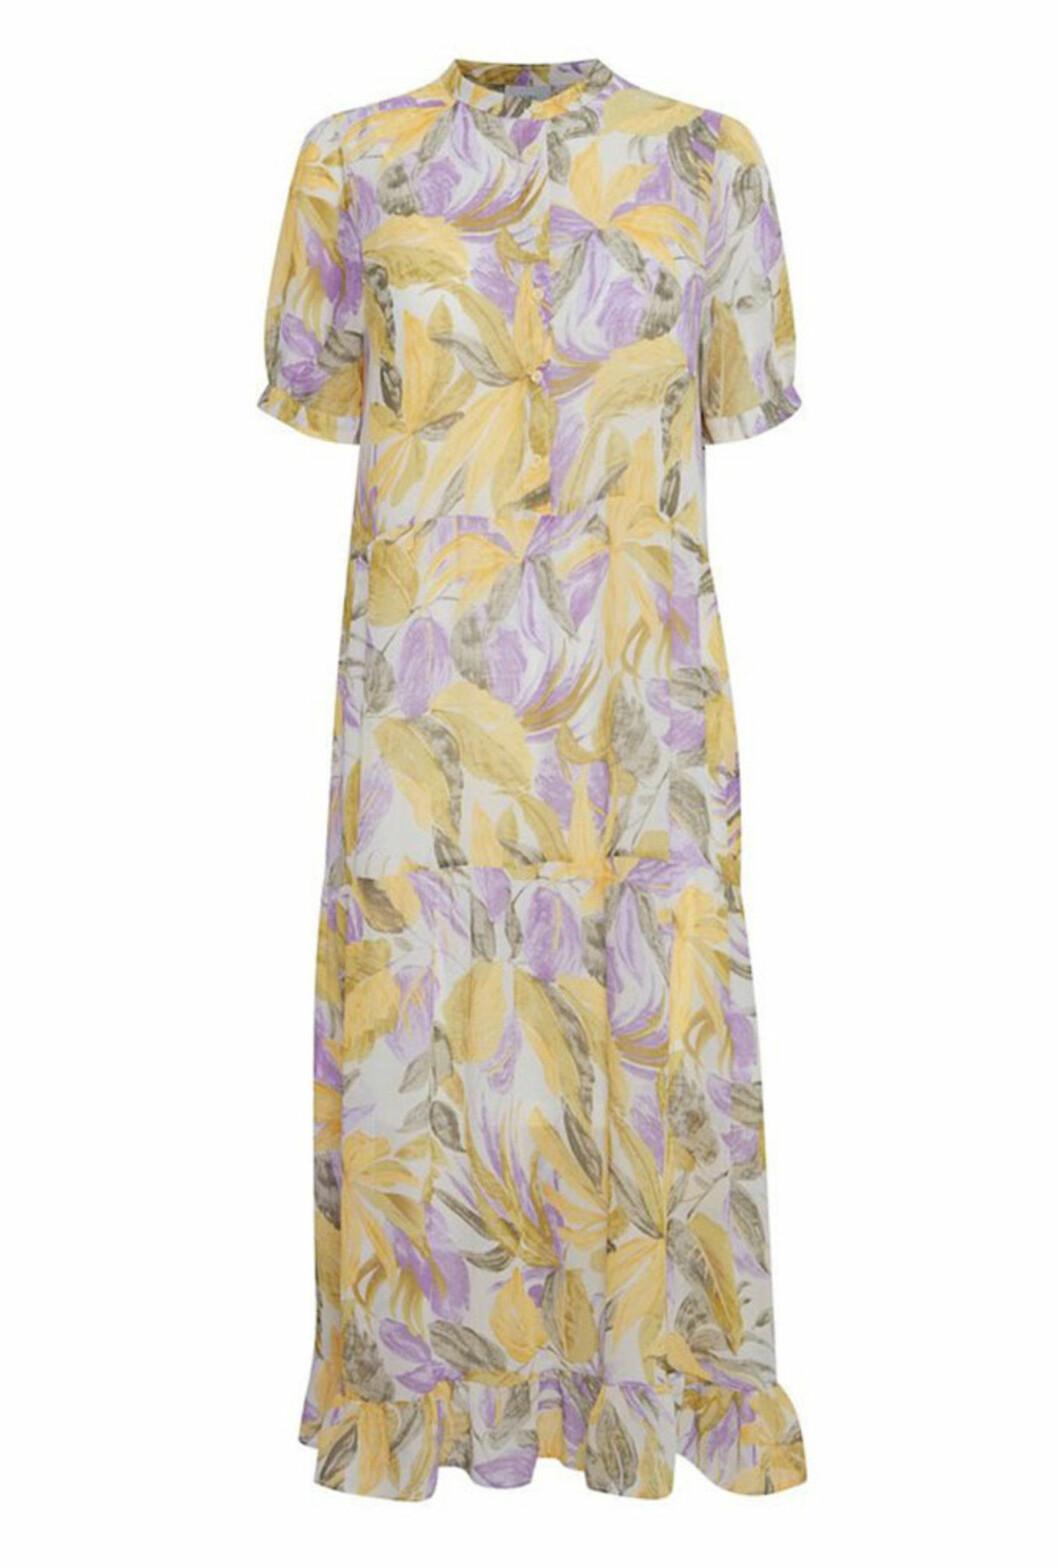 Blommig klänning i gult och lila för dam till bröllopet 2020